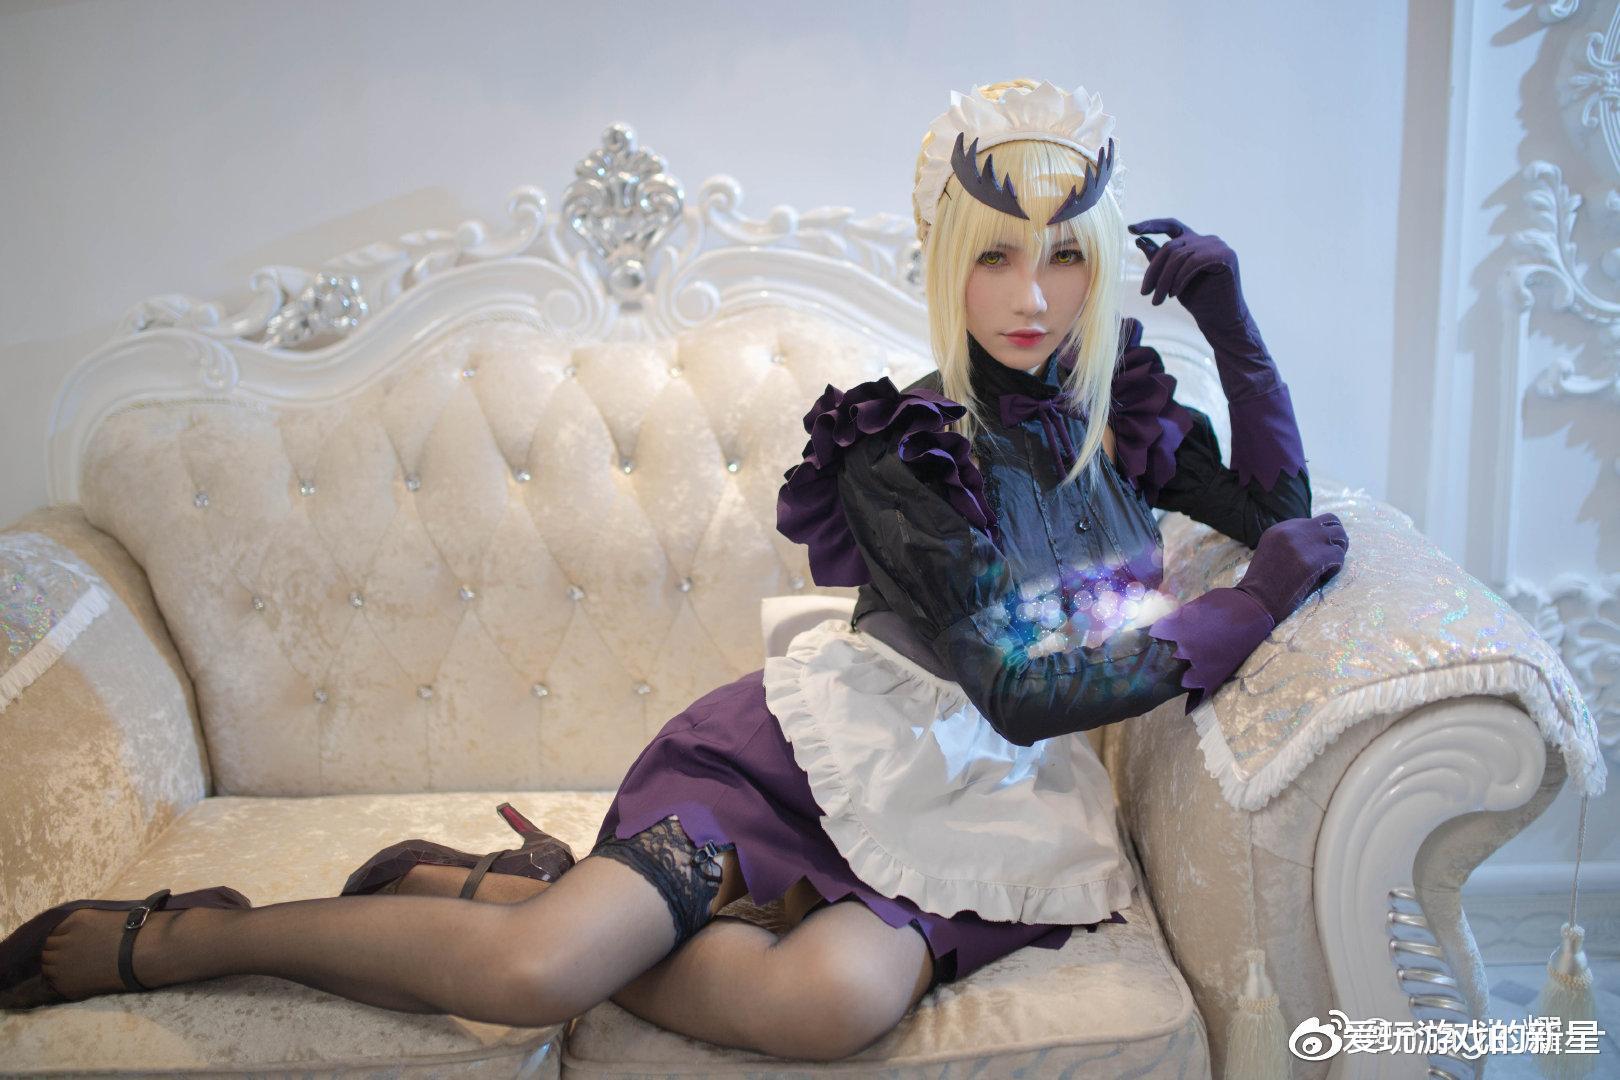 """《【煜星娱乐网页登陆】王者荣耀cos:""""梦倒塌的地方,今已爬满青苔""""》"""